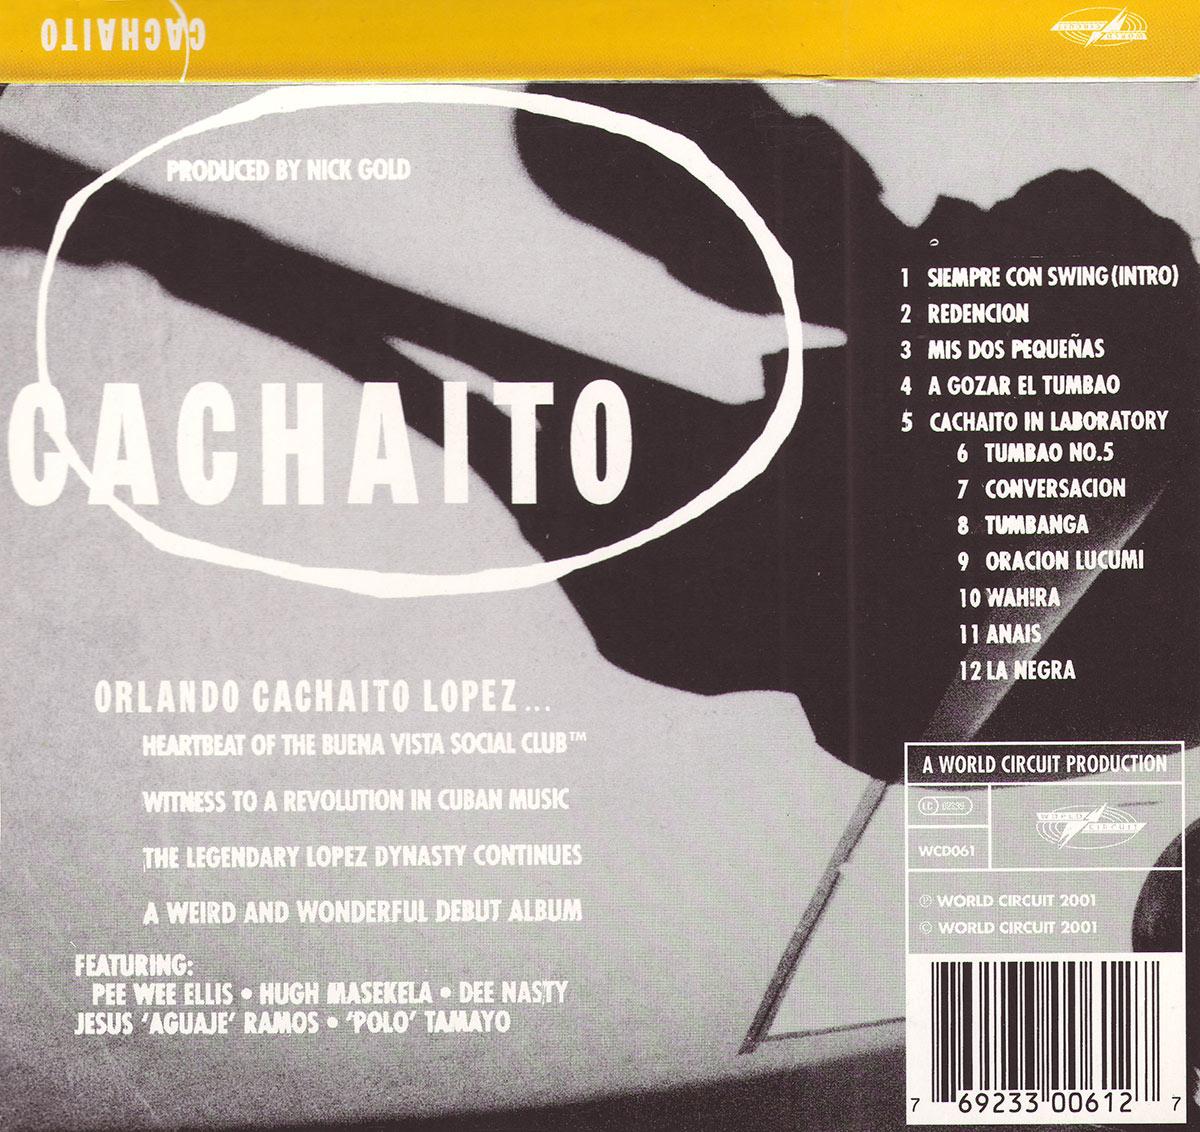 Cachaito